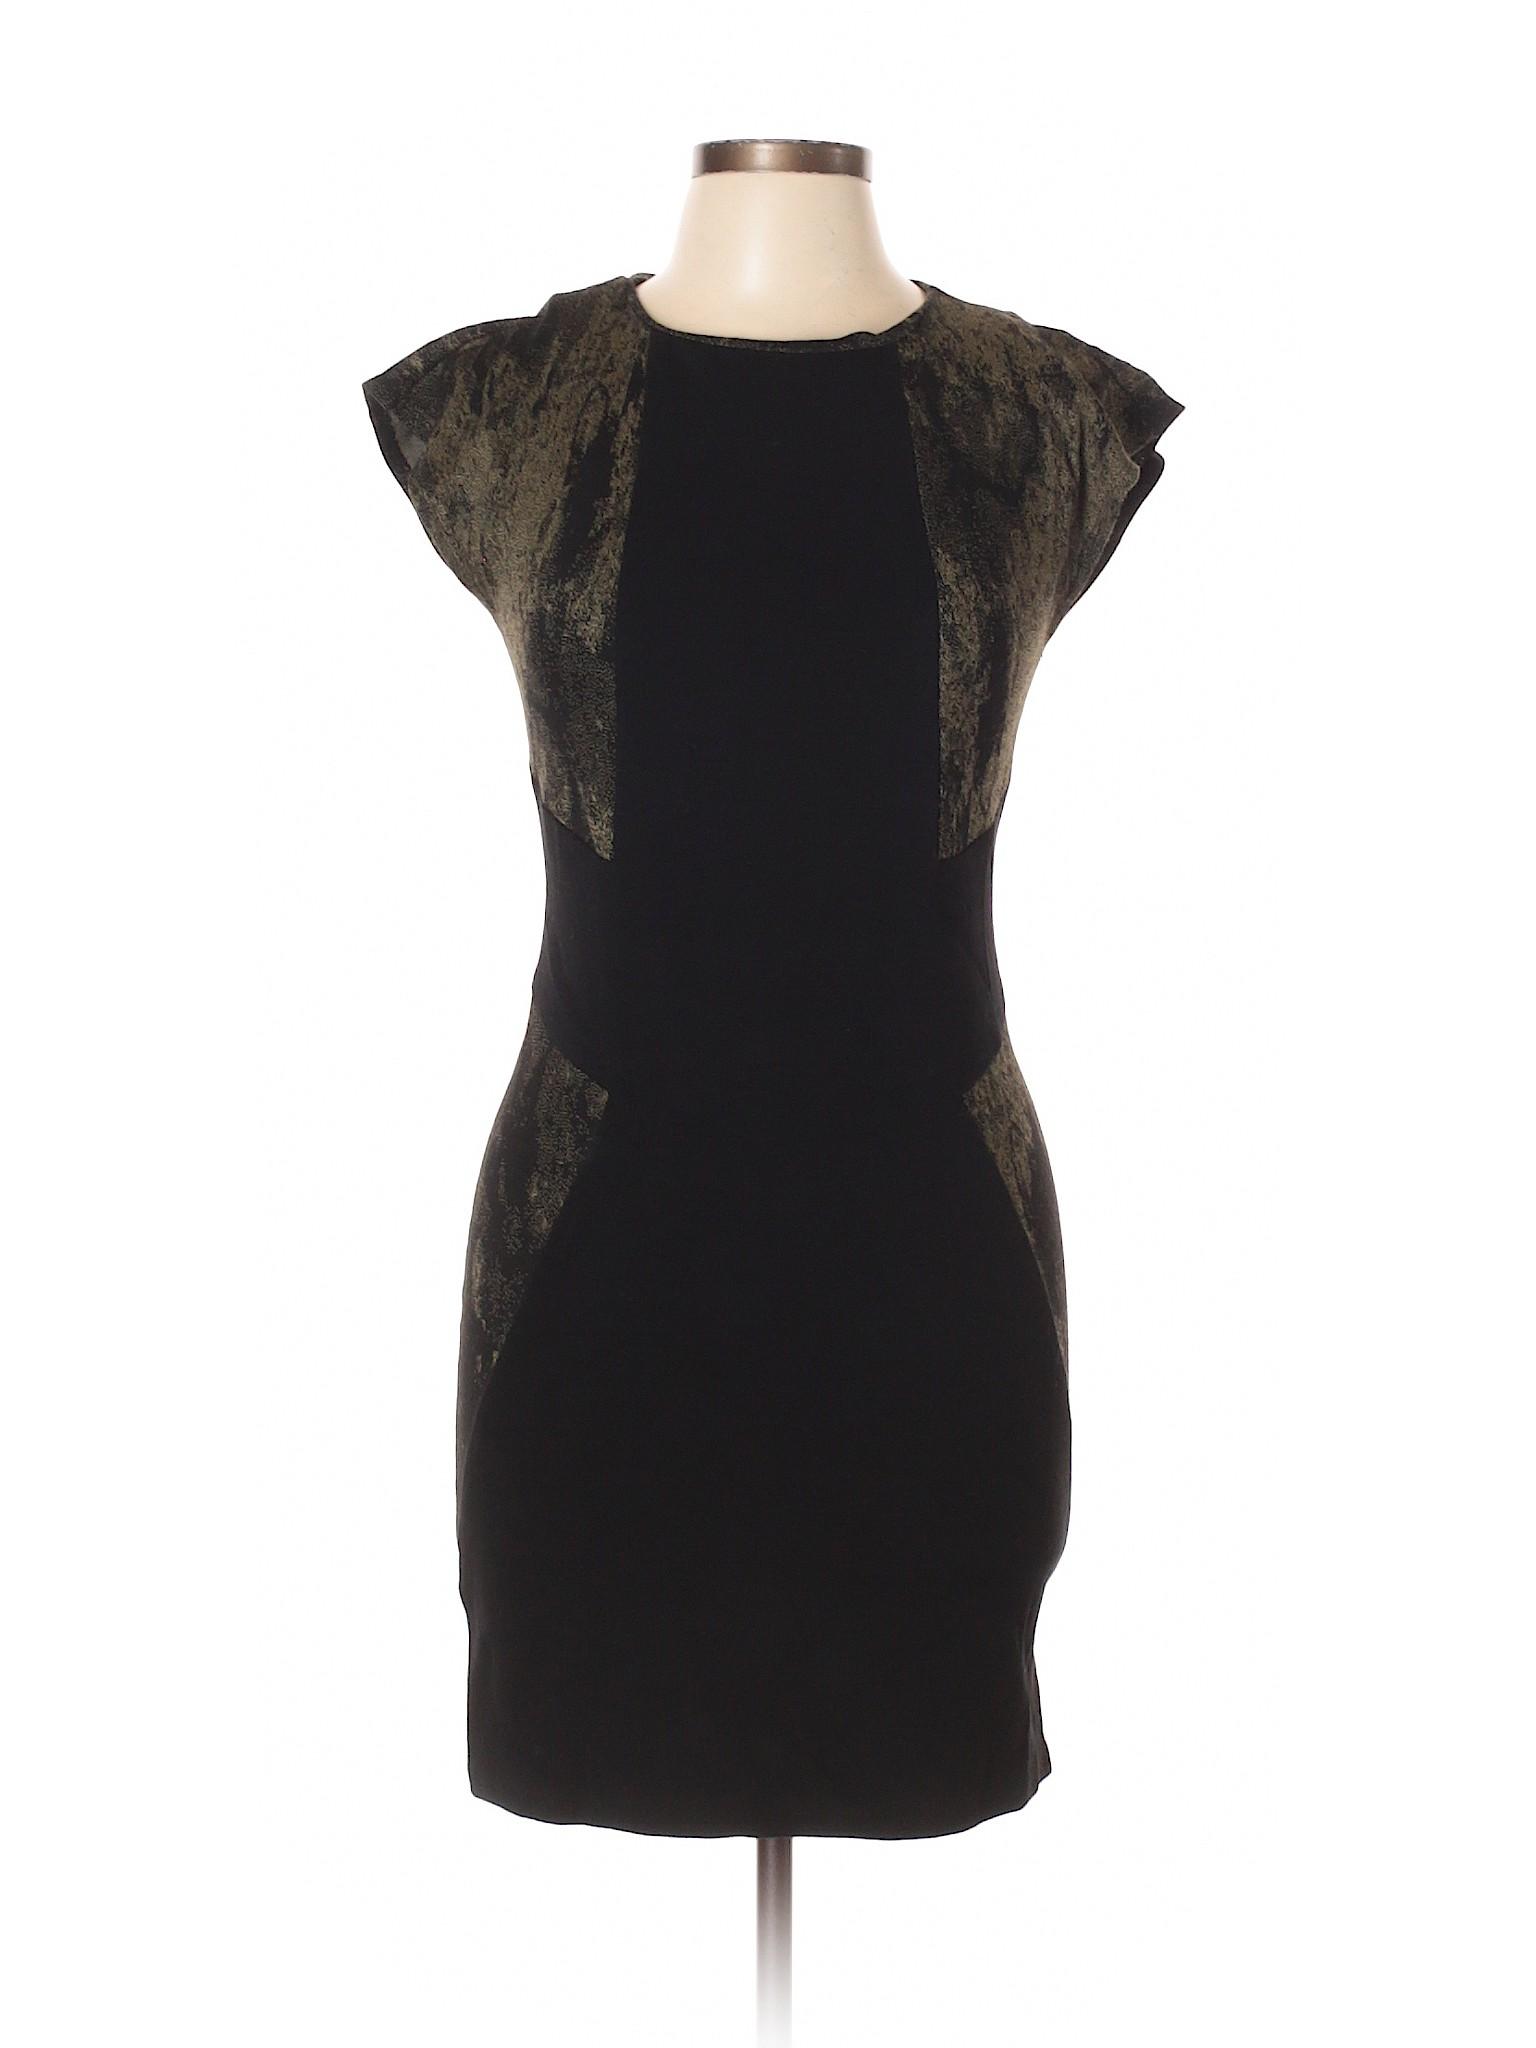 Twenty Casual Boutique Boutique Dress winter winter 0paqxtt